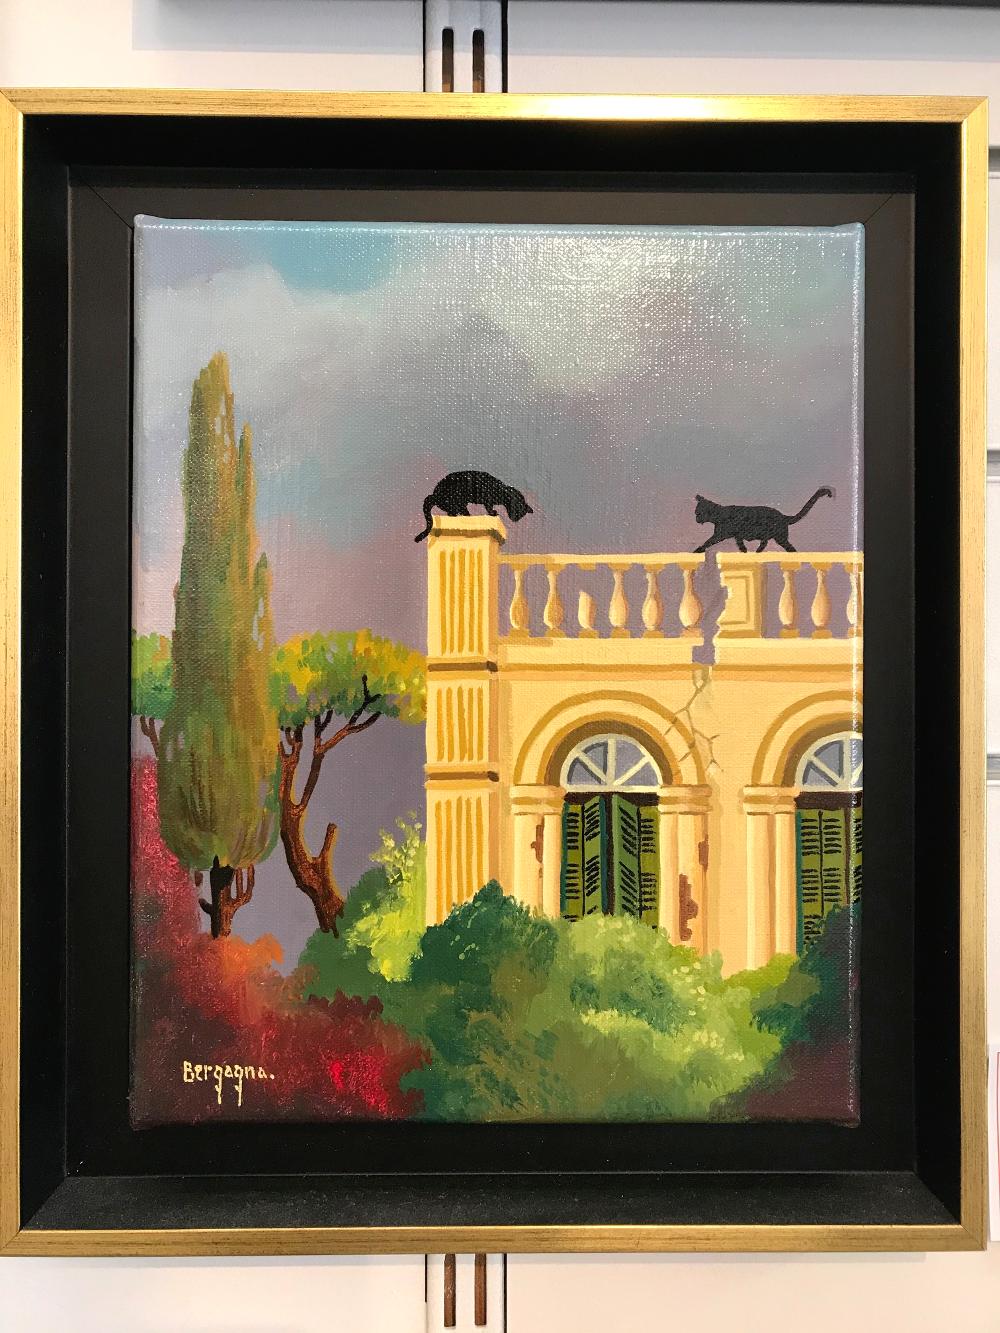 """""""Rencontre au sommet"""" Daniel BERGAGNA peinture originale à l'huile sur toile format 29 x 34 cm 2019 prix de la toile seule 480€ prix du cadre 70€ l'ensemble 550€"""